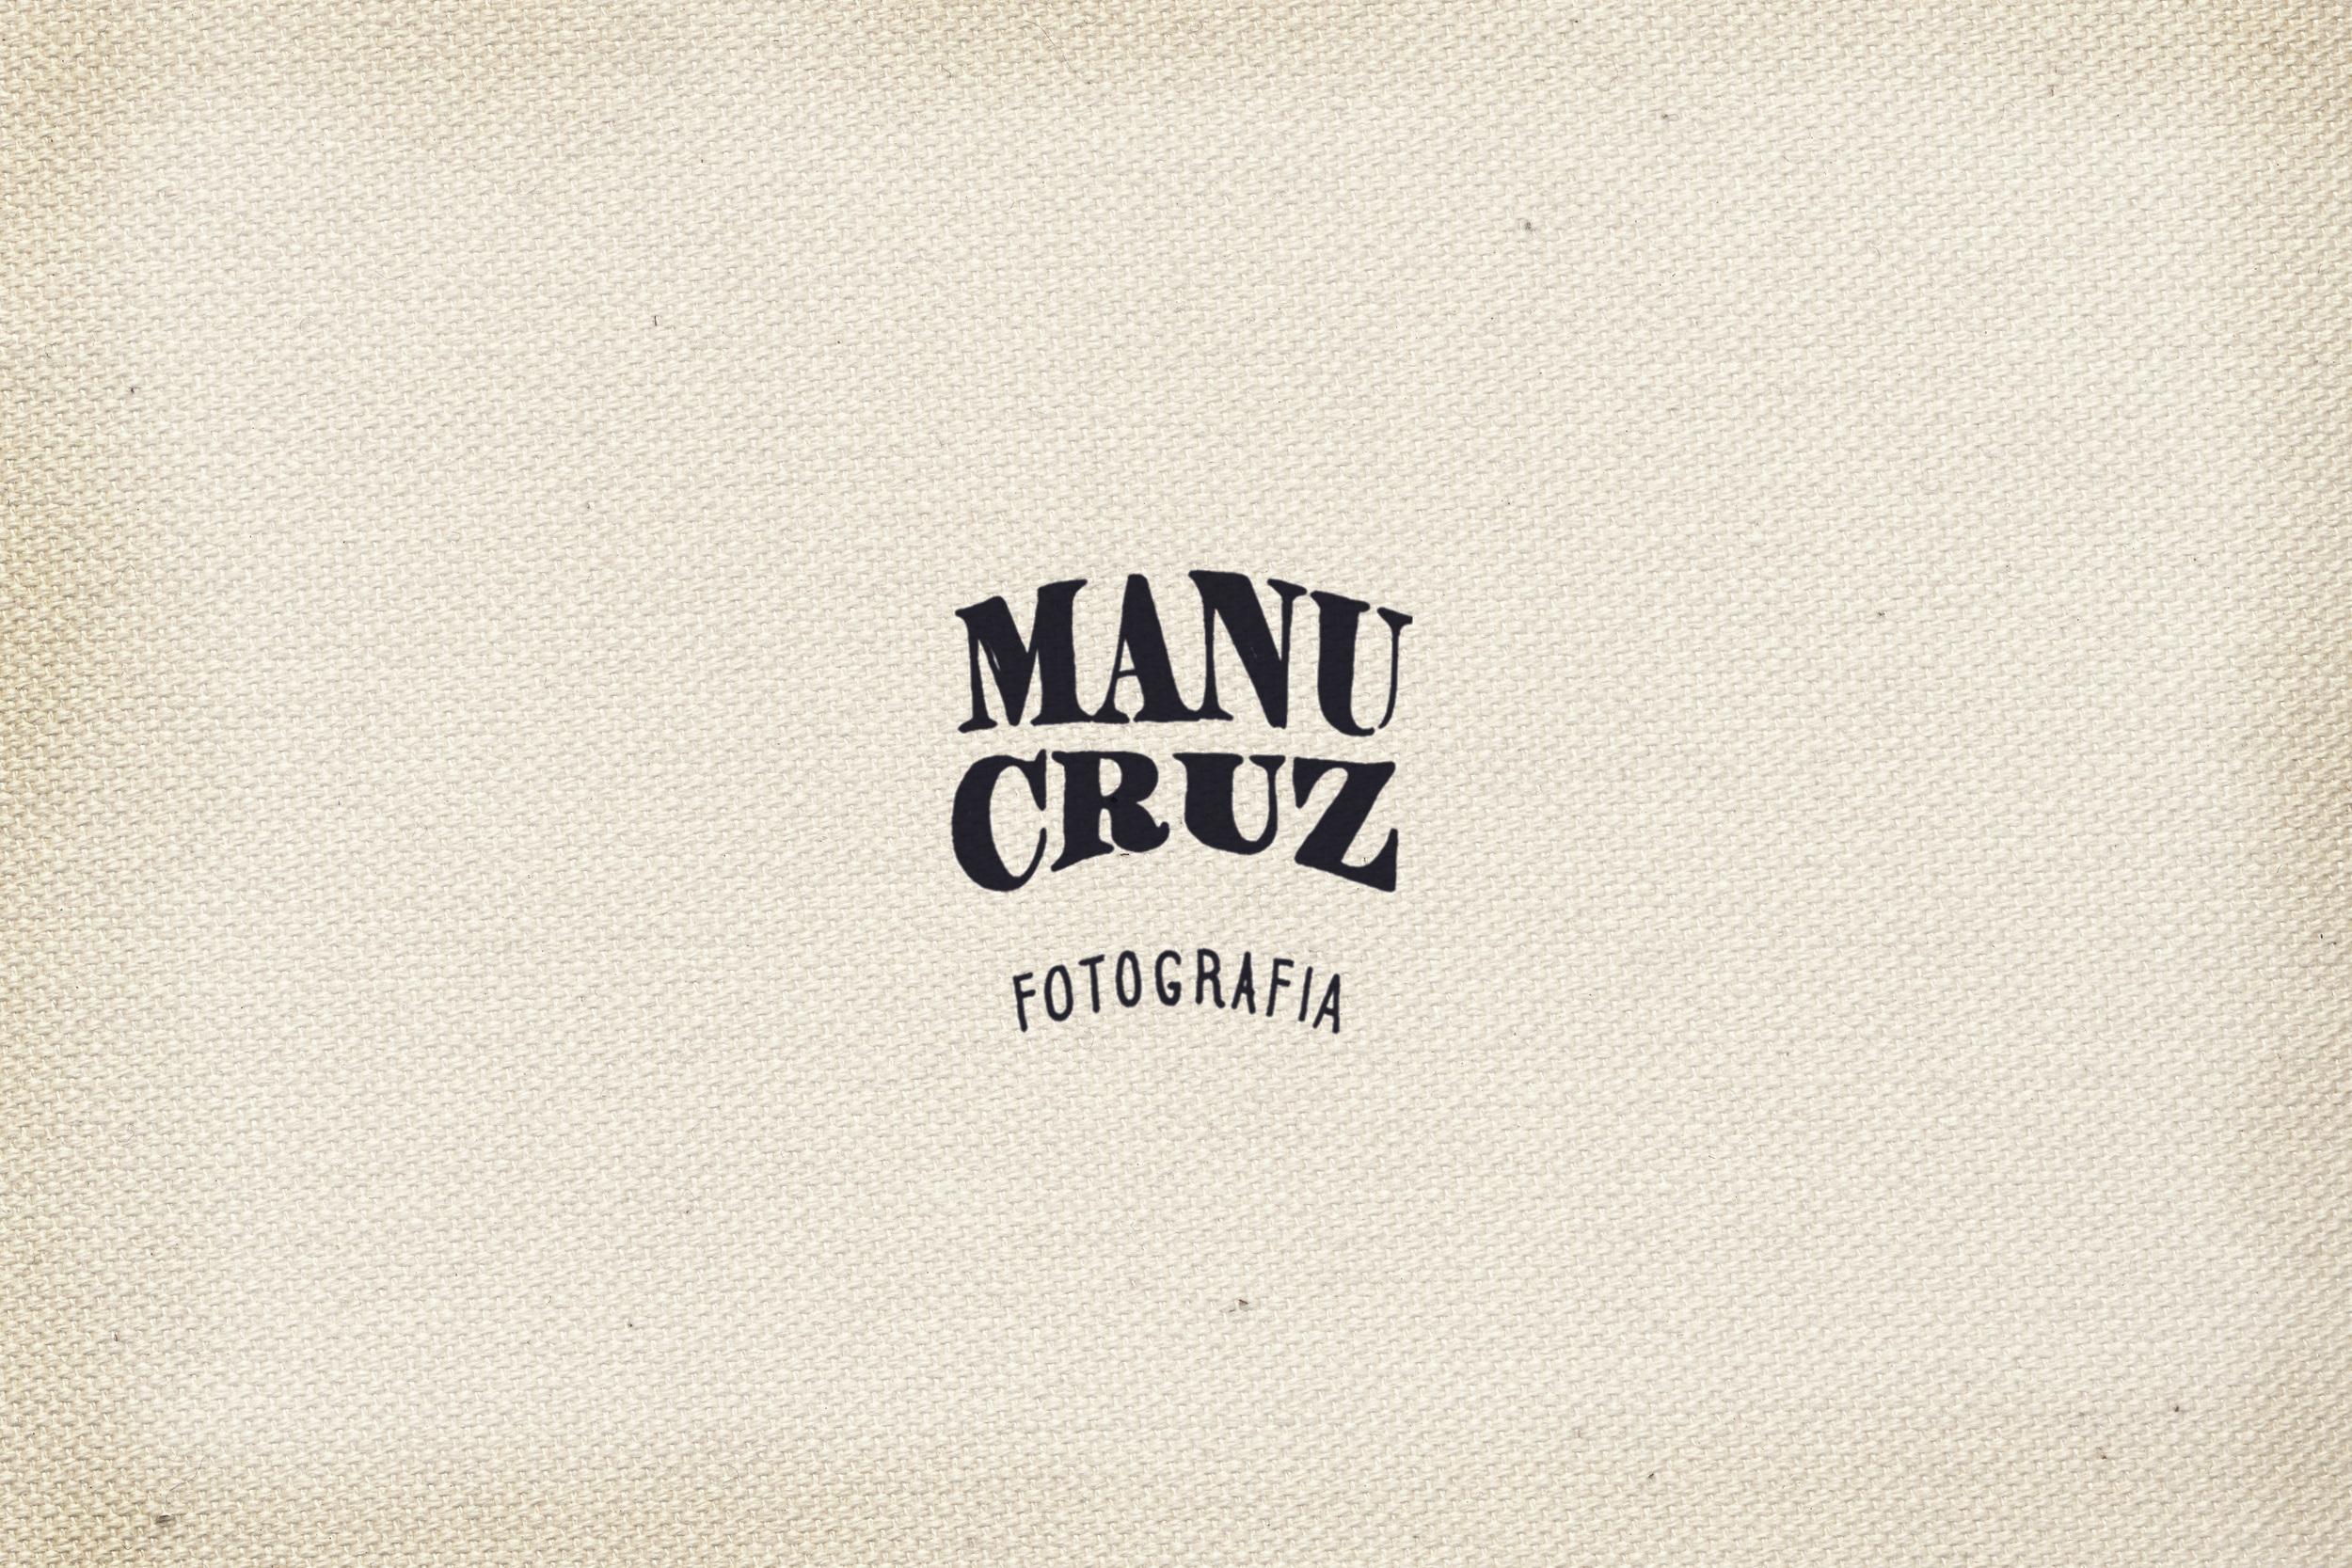 manucruz_texto.jpg